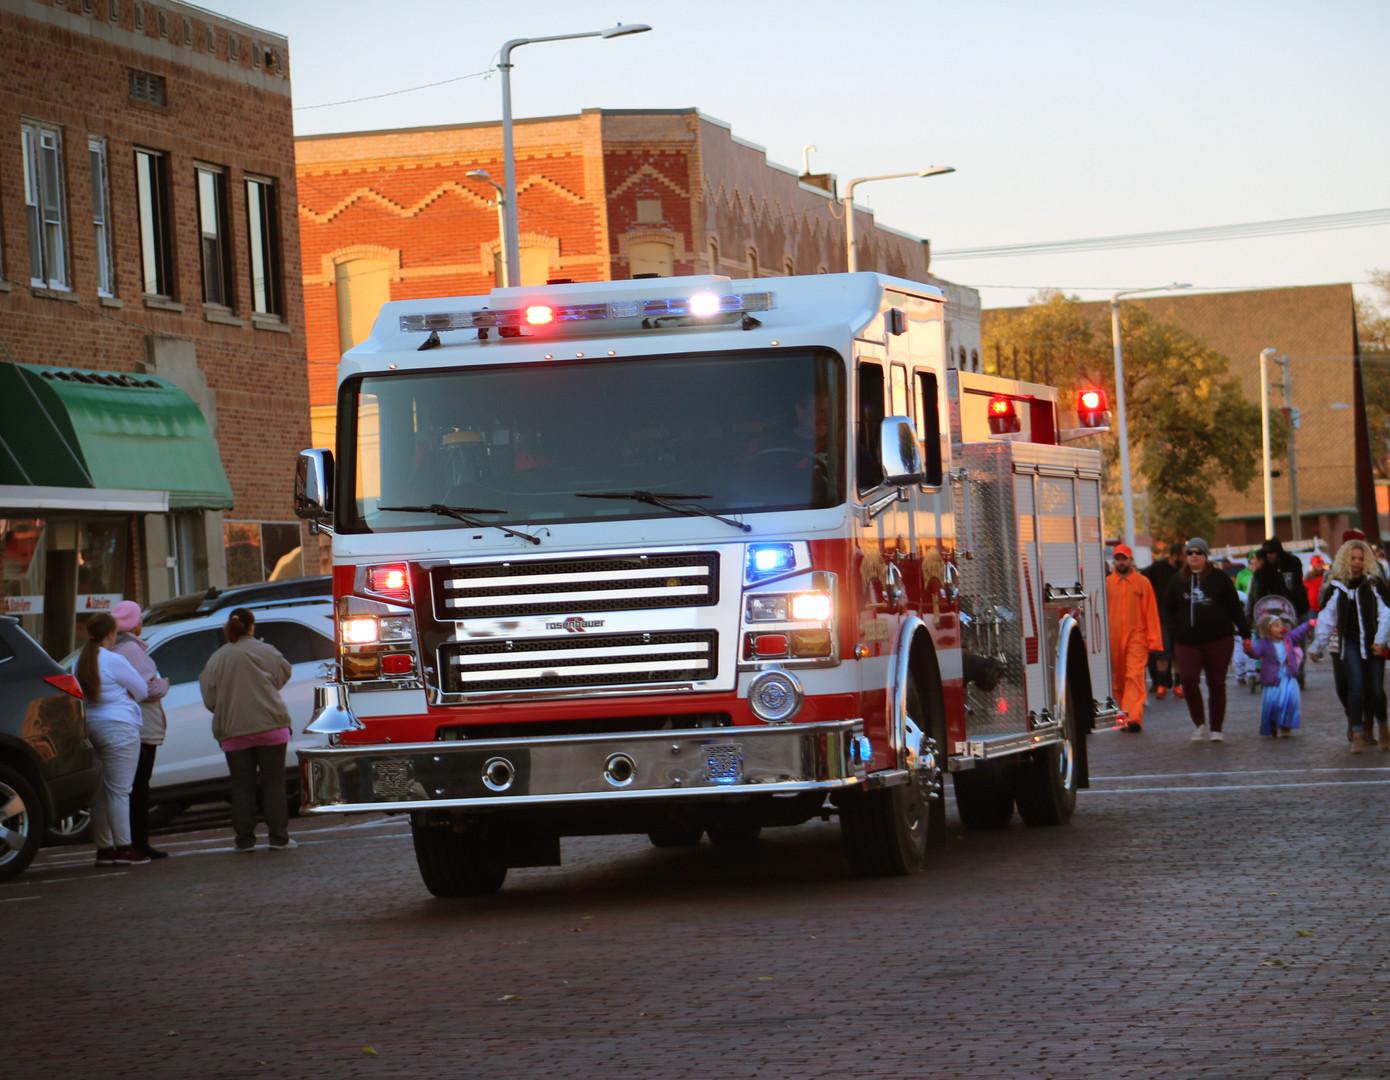 Firetruck Halloween Parade.JPG